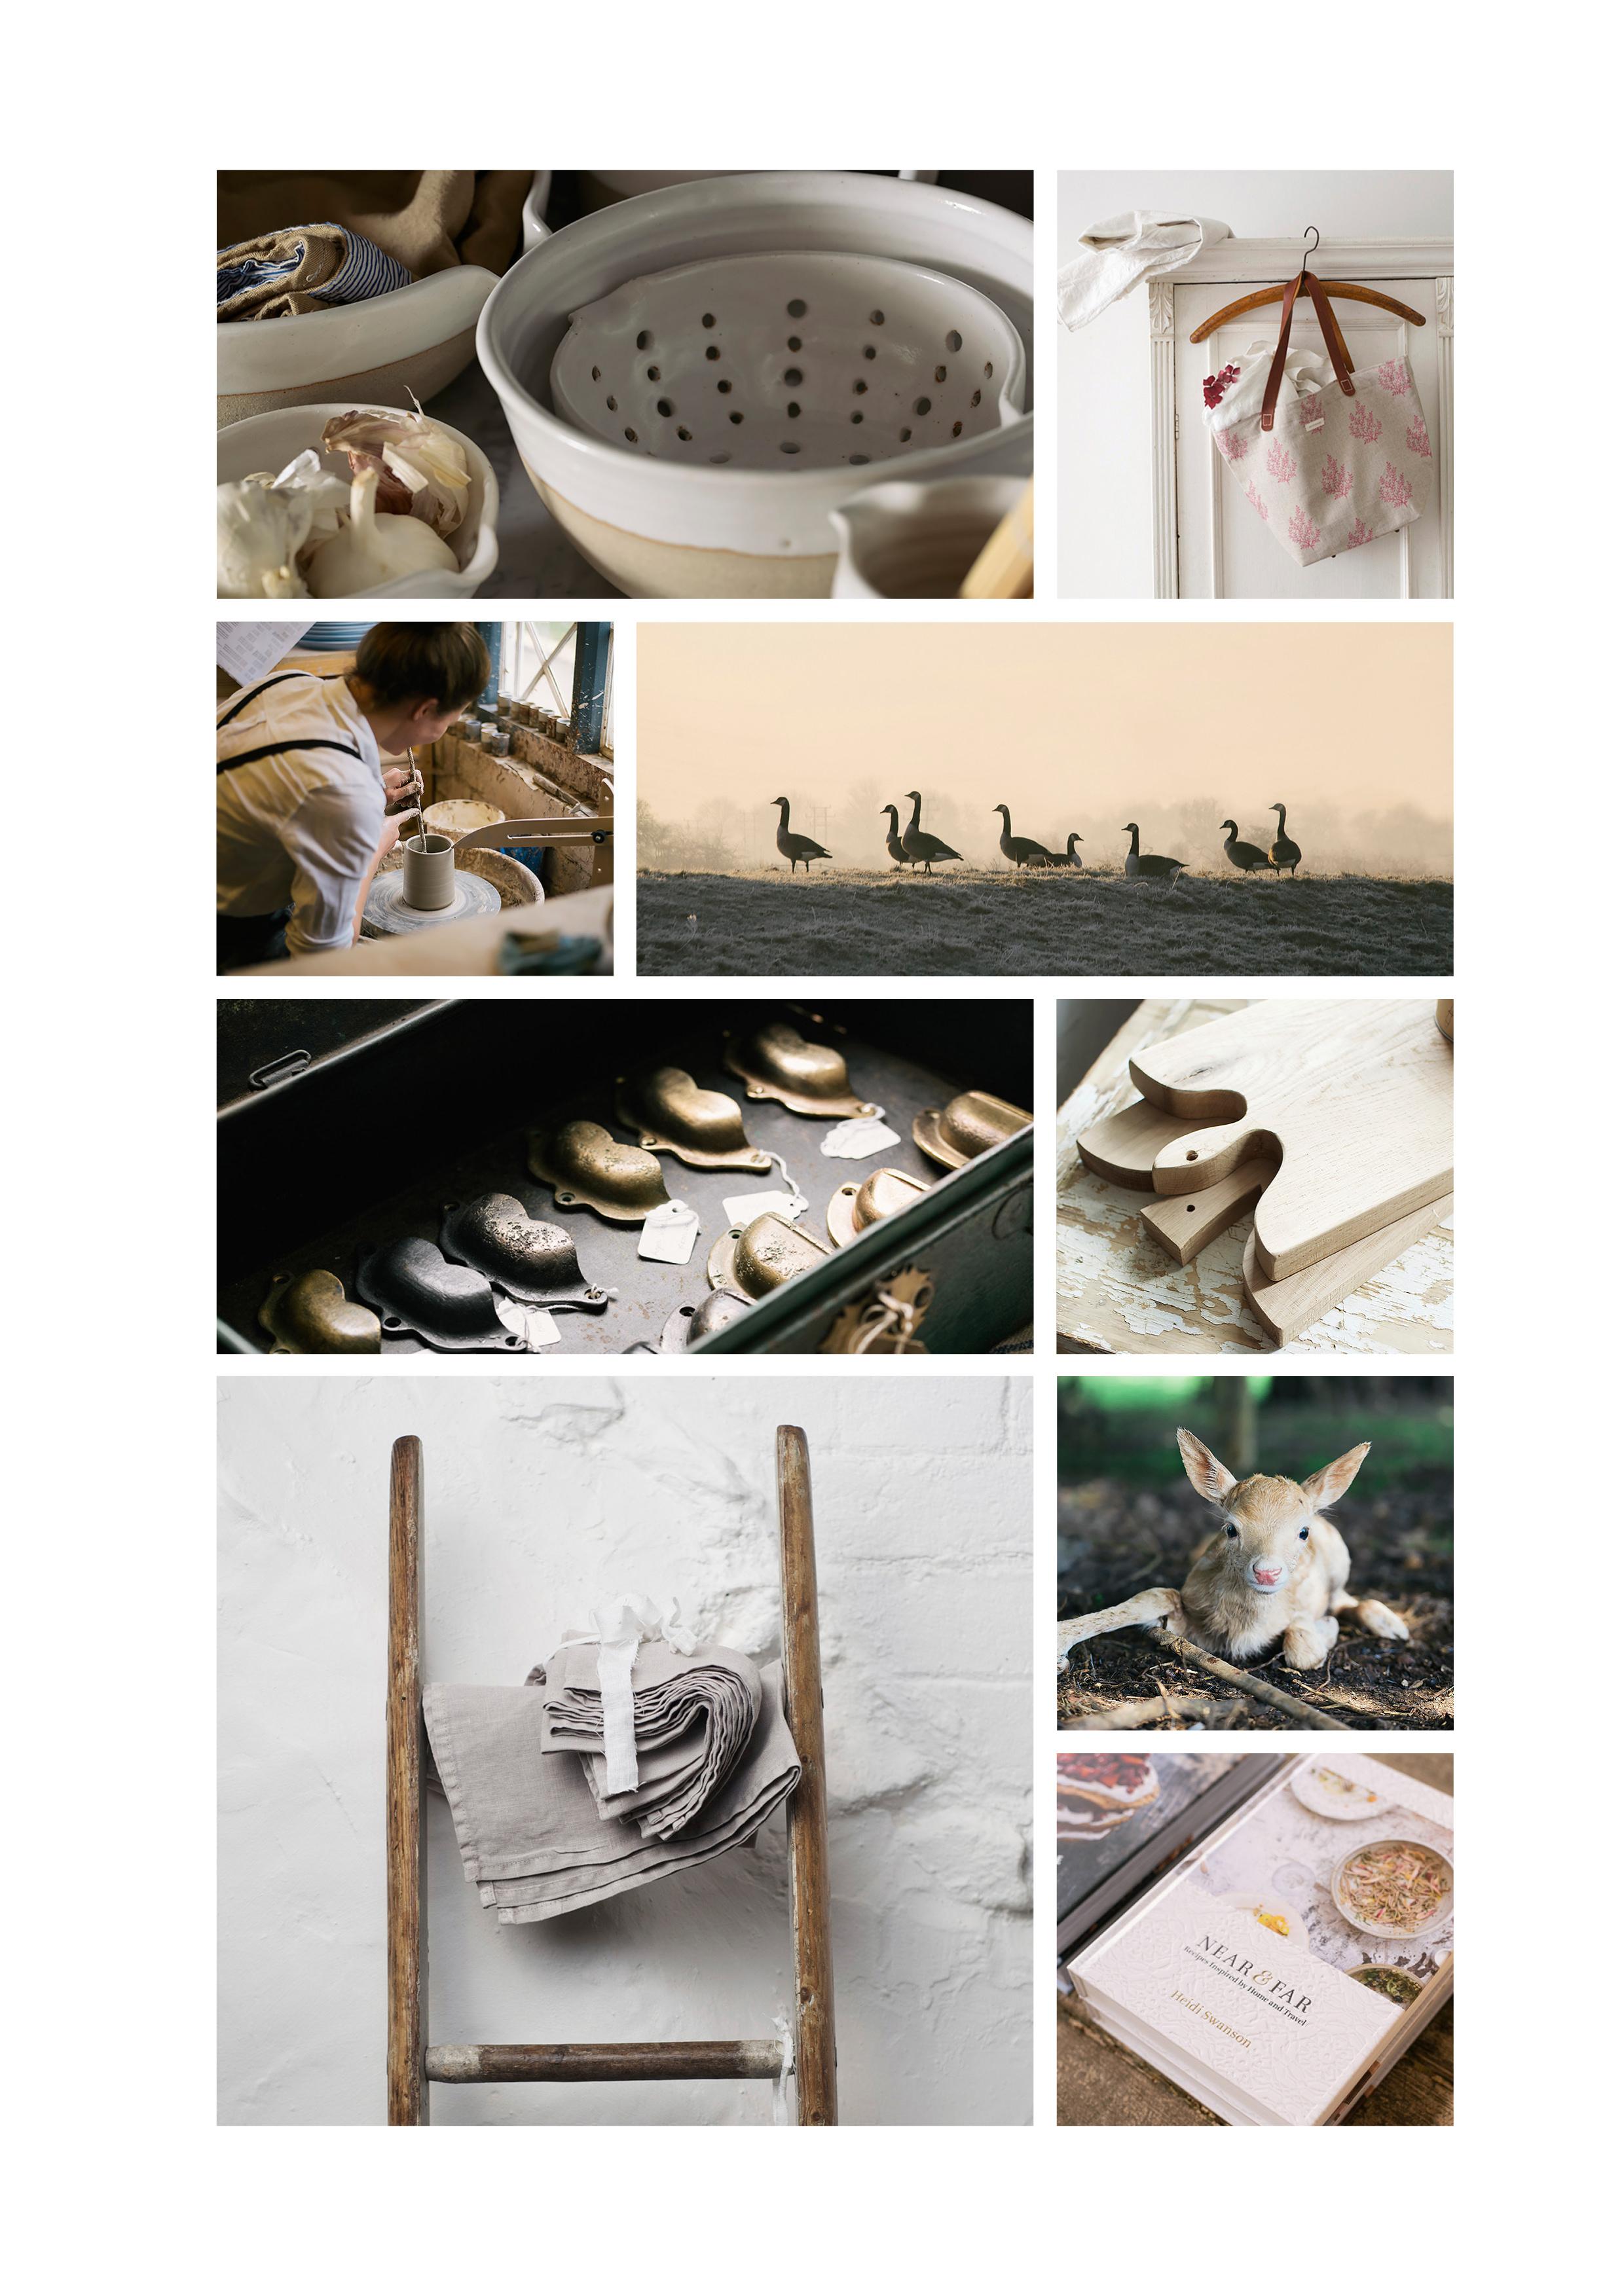 Shaker kitchen brochure devol kitchens - Shaker Kitchen Brochure Devol Kitchens 28